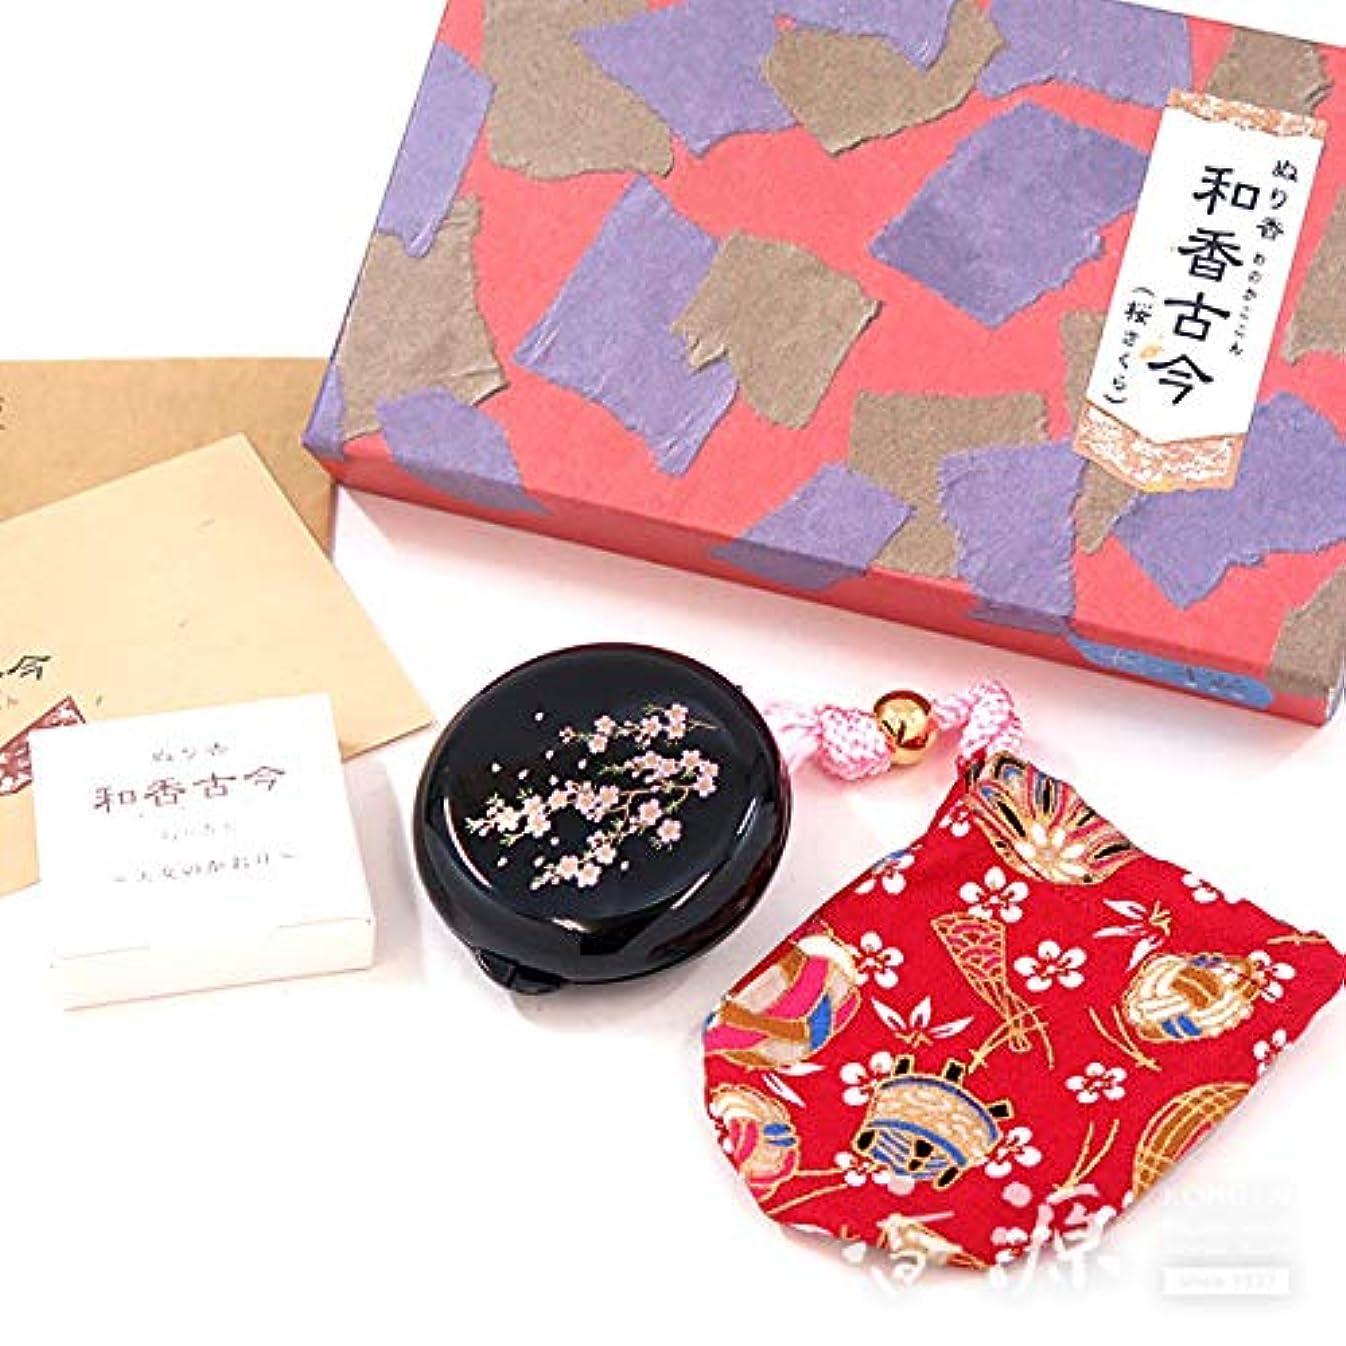 ズボンエピソードまっすぐにする長川仁三郎商店のお香 和香古今(わのかここん)天女の香り 桜(黒のコンパクト)?赤の巾着のセット